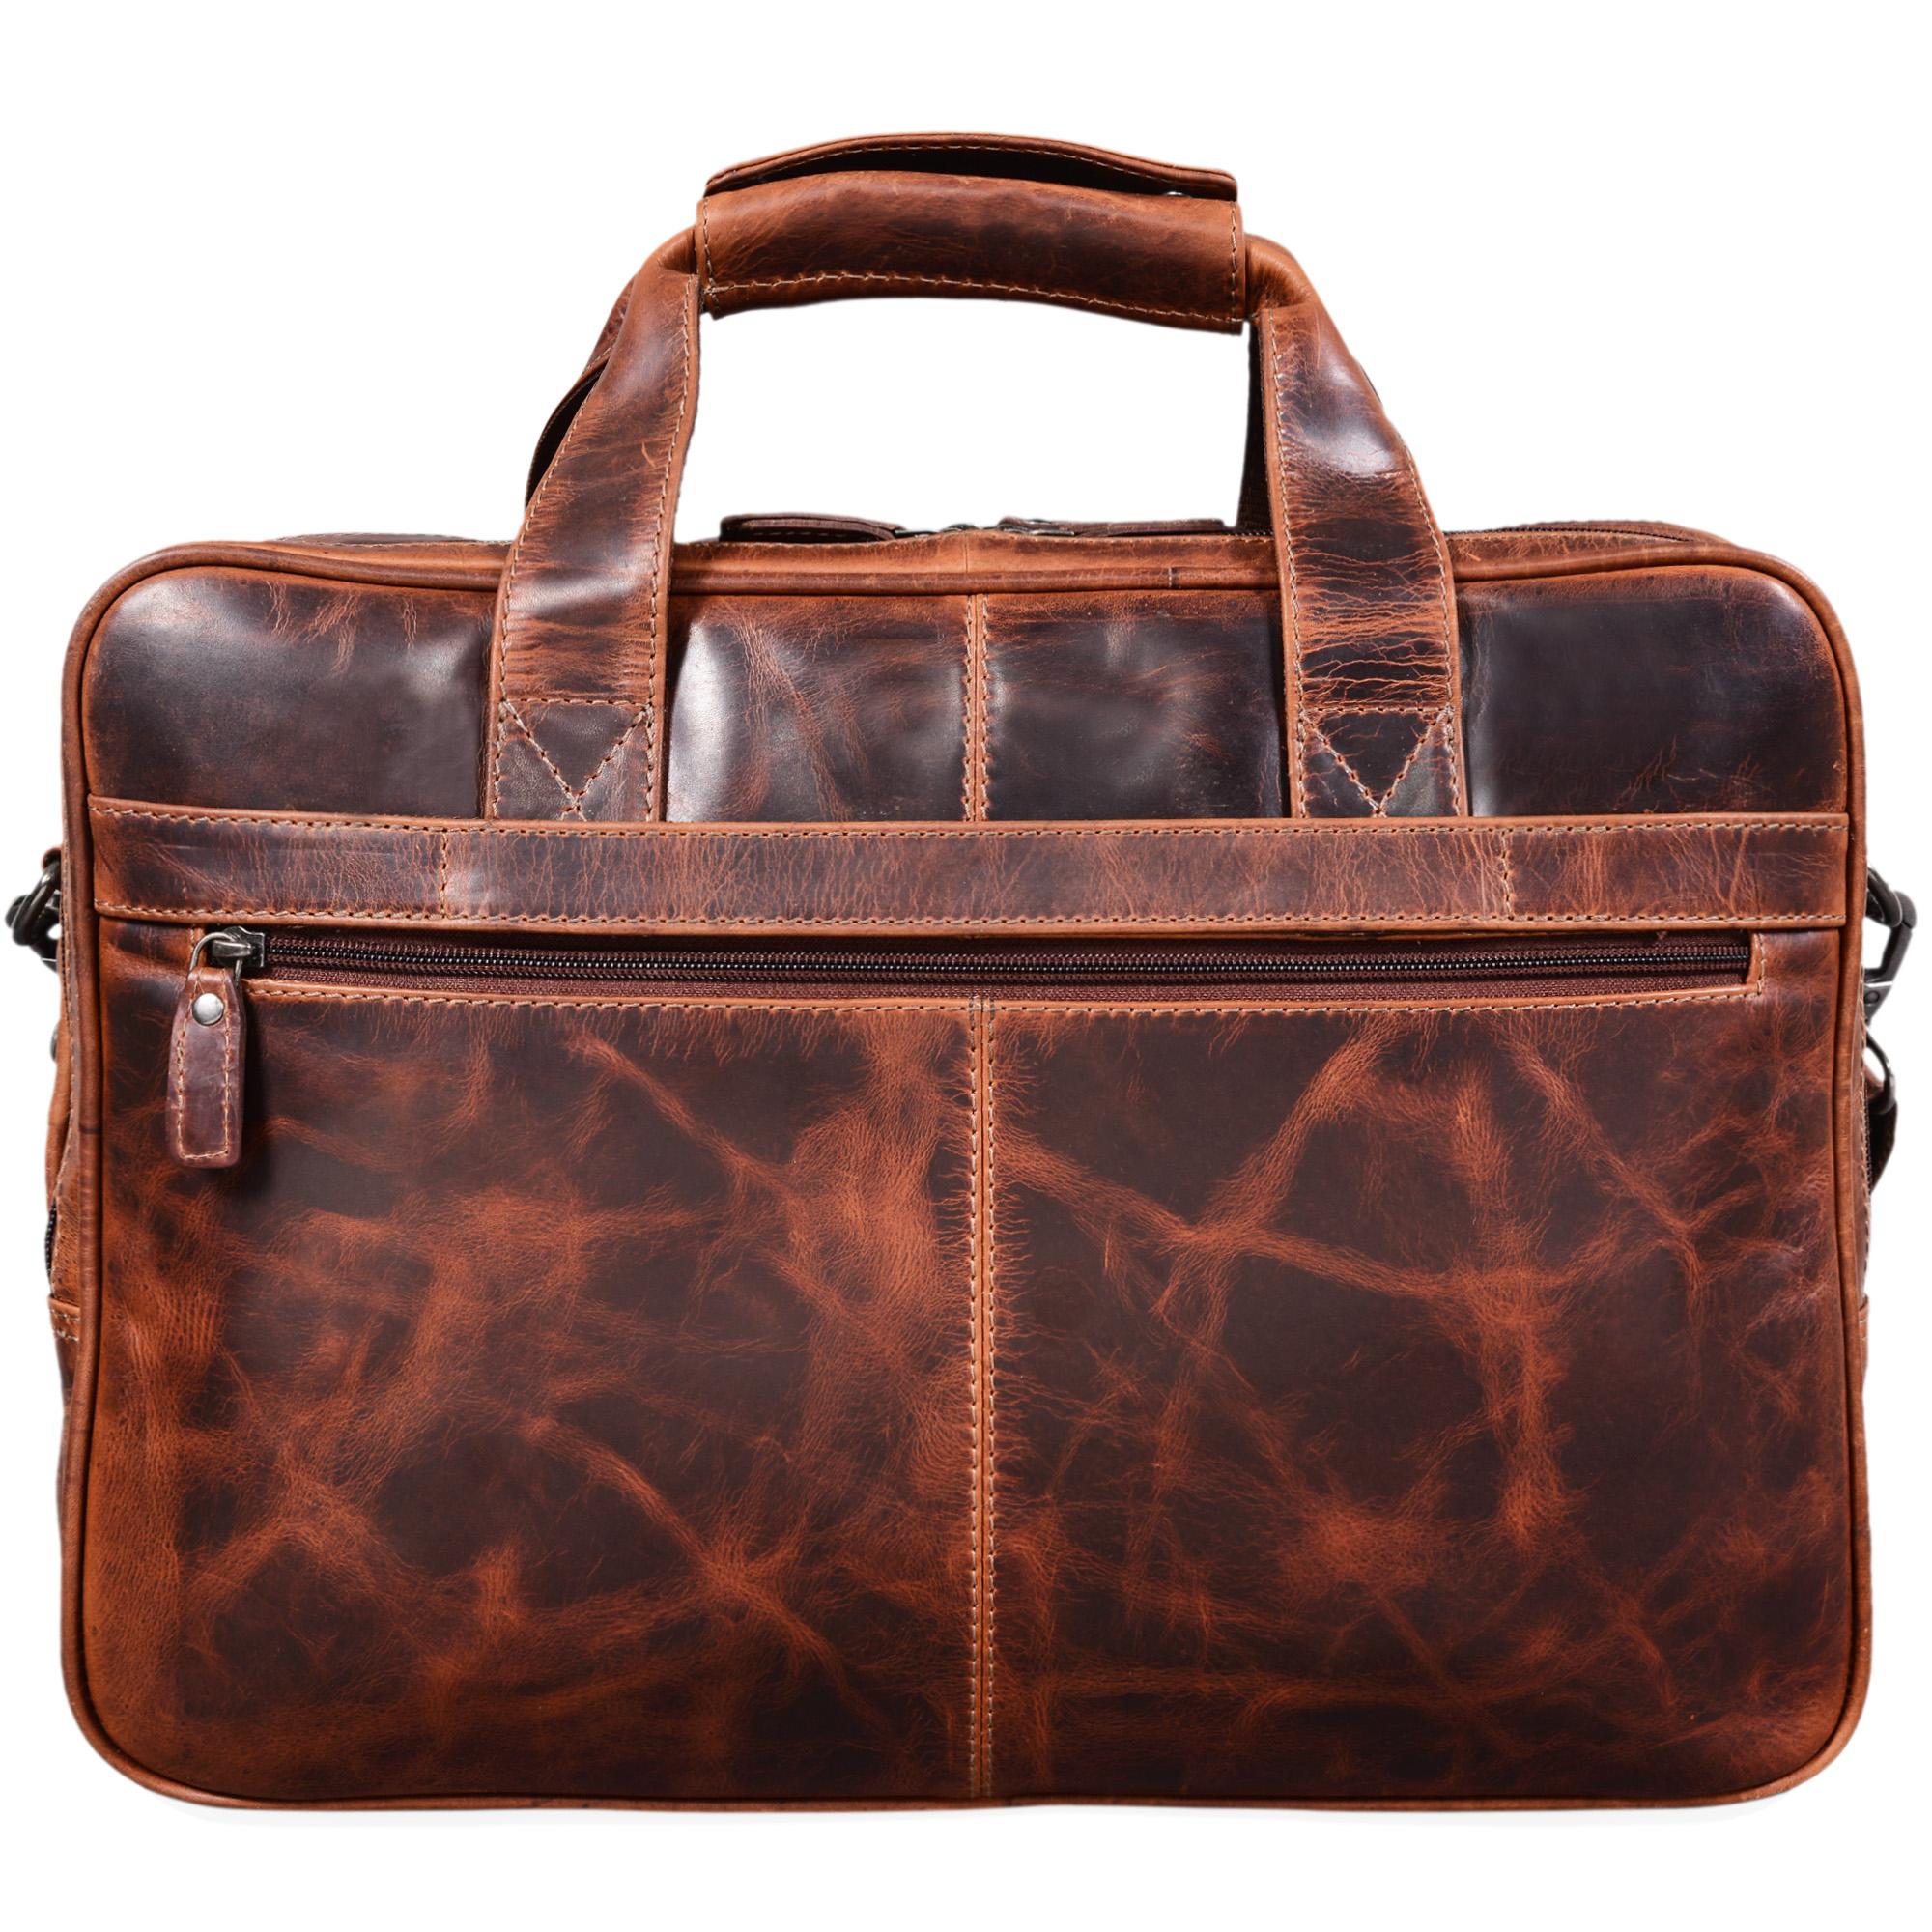 """STILORD """"Atlantis"""" Leder Aktentasche groß Vintage Lehrertasche Arbeitstasche große Ledertasche Businesstasche zum Umhängen Trolley aufsteckbar - Bild 6"""